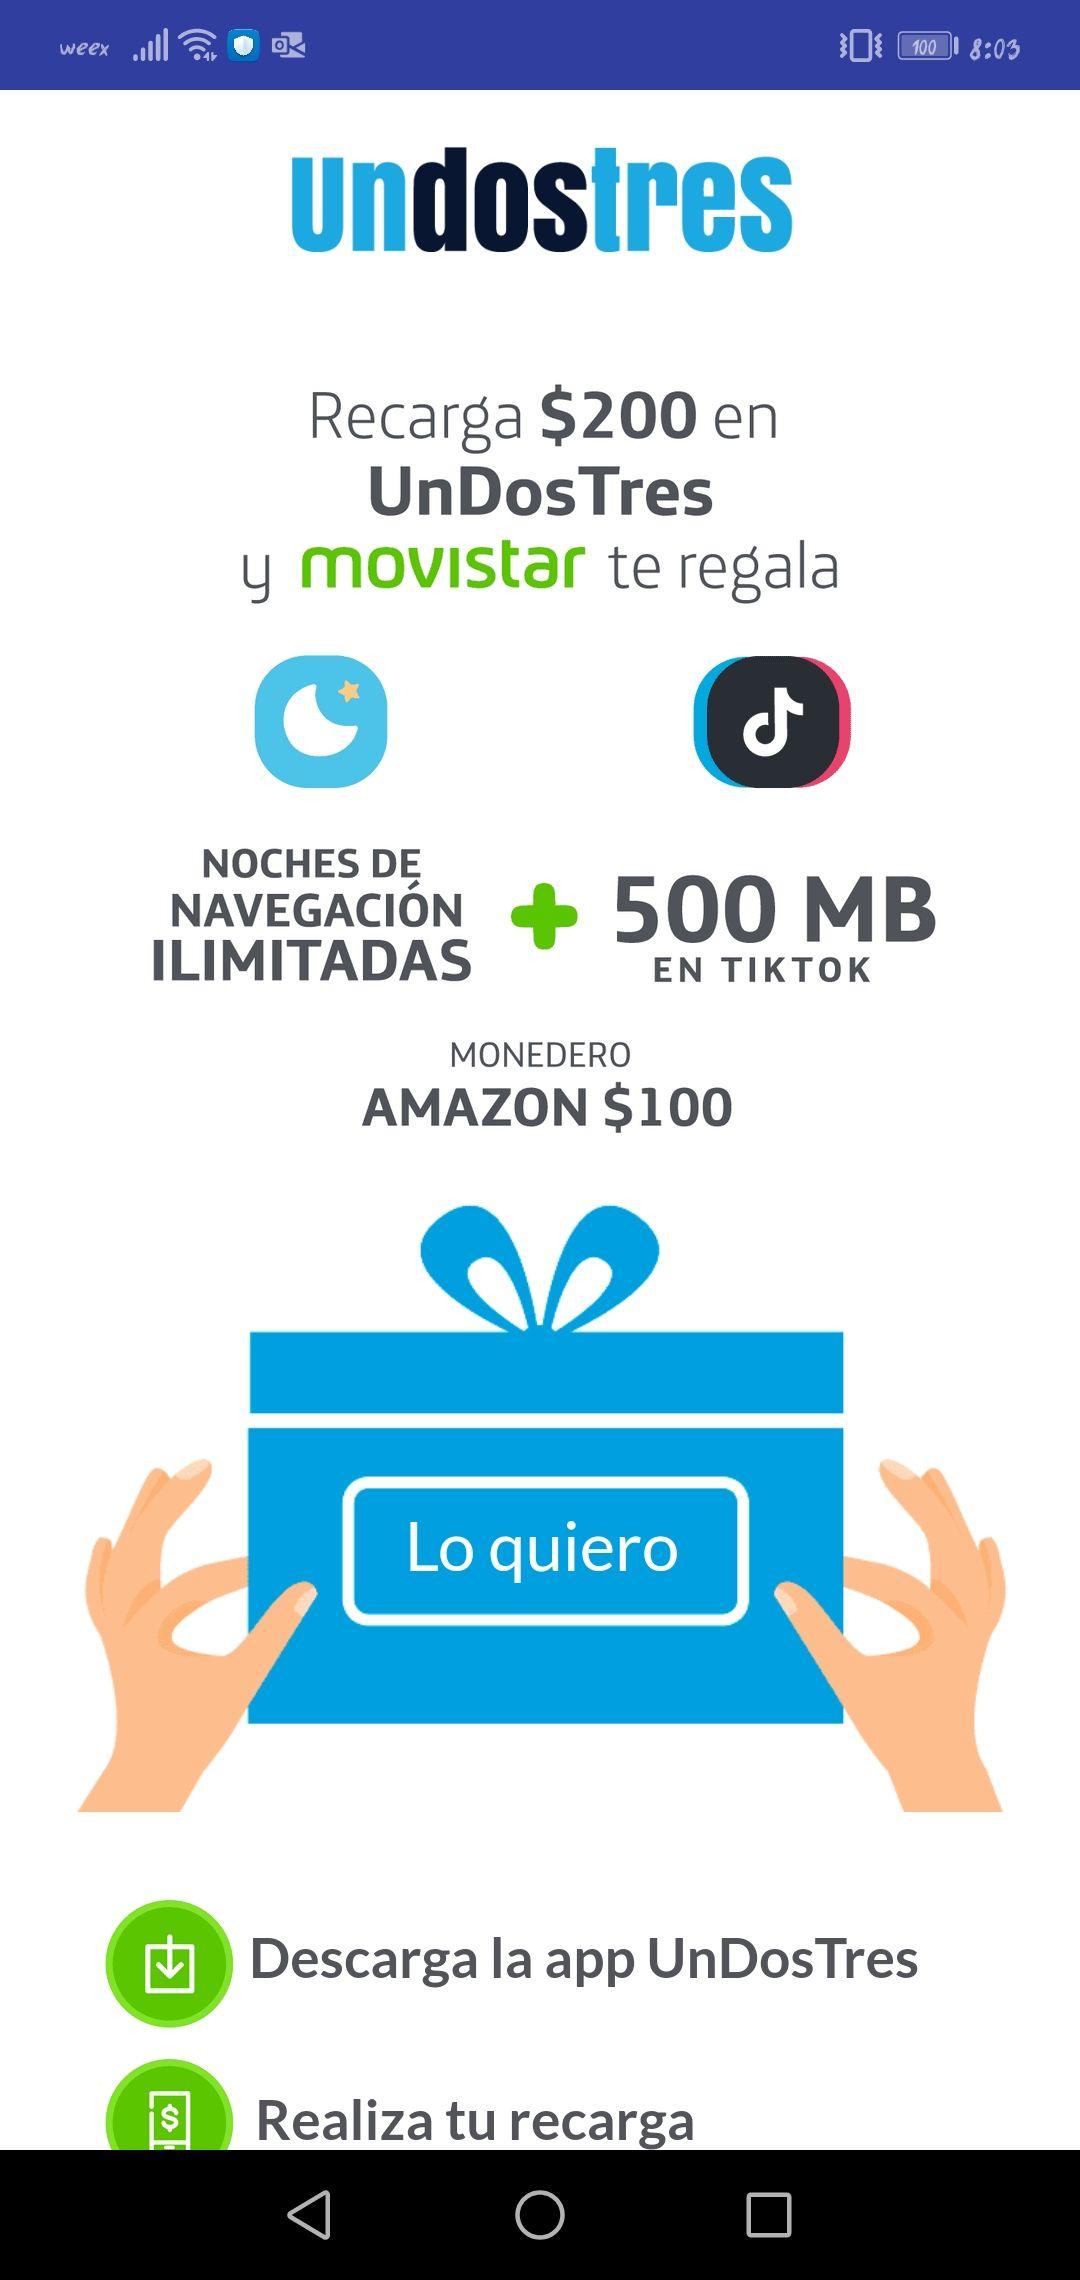 100 pesos en Amazon al recargar 200 Movistar (Unodostres)